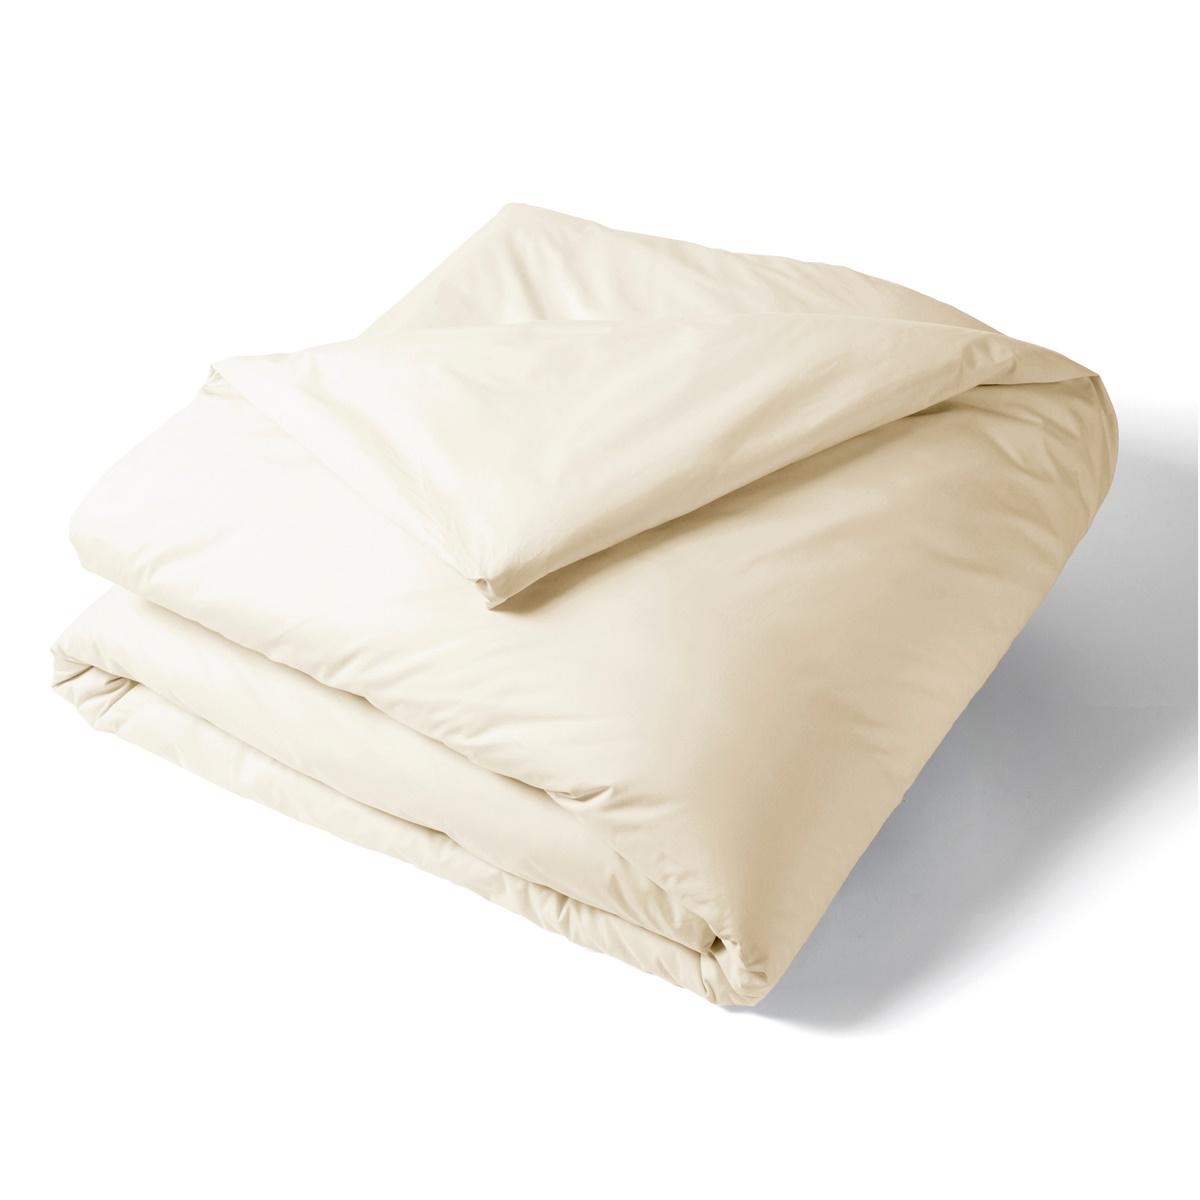 Housse de Couette Percale de coton Bio 80 fils Naturel | Linge de lit percale de coton Bio | Tradition des Vosges